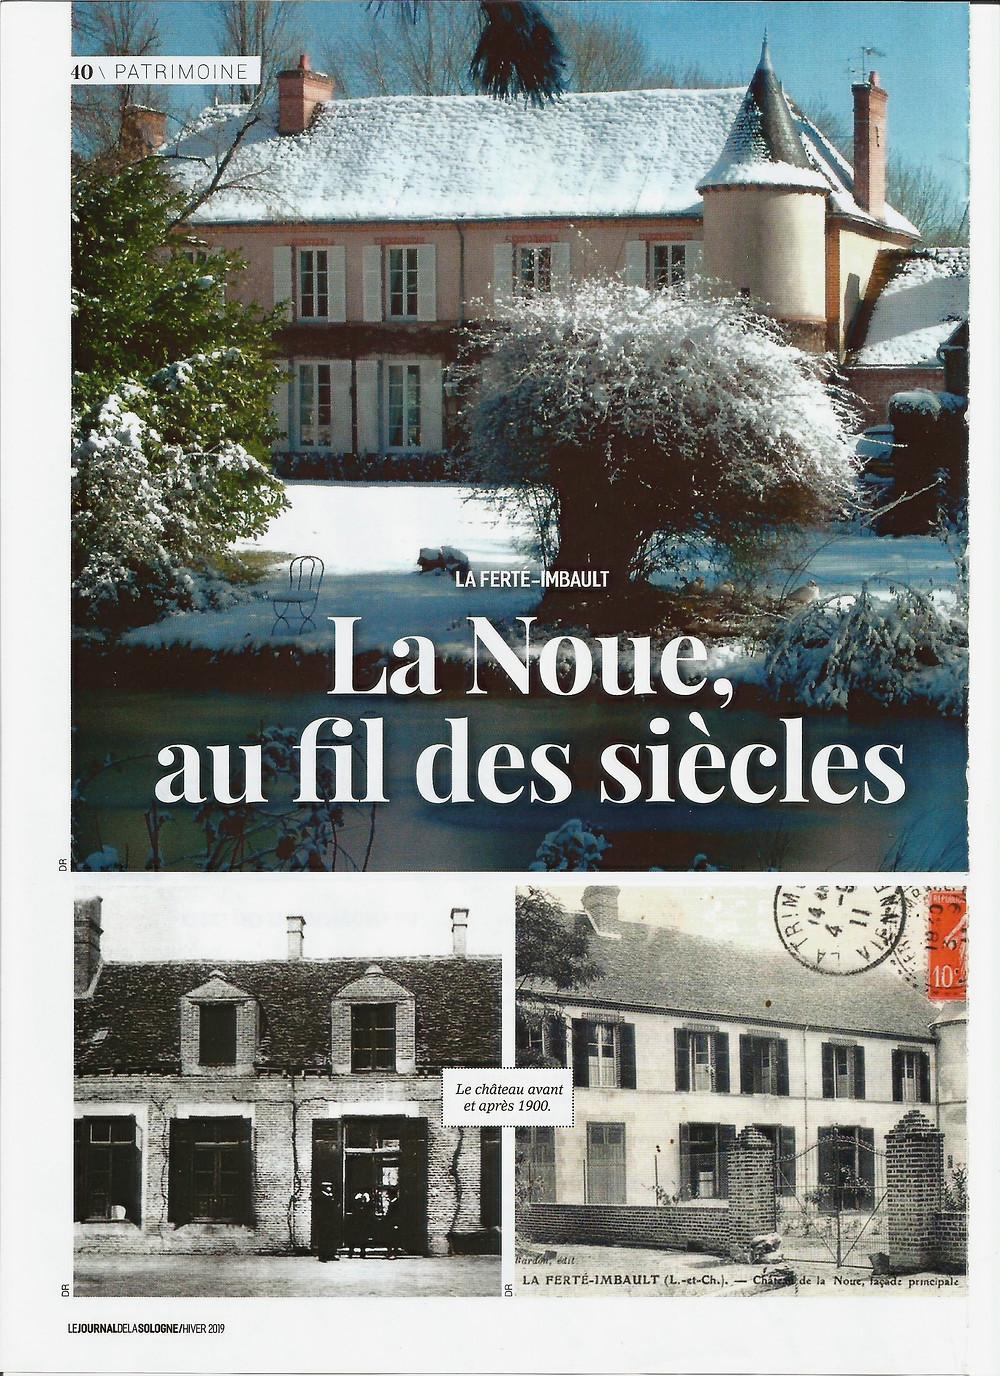 Château de la Noue sous la neige.